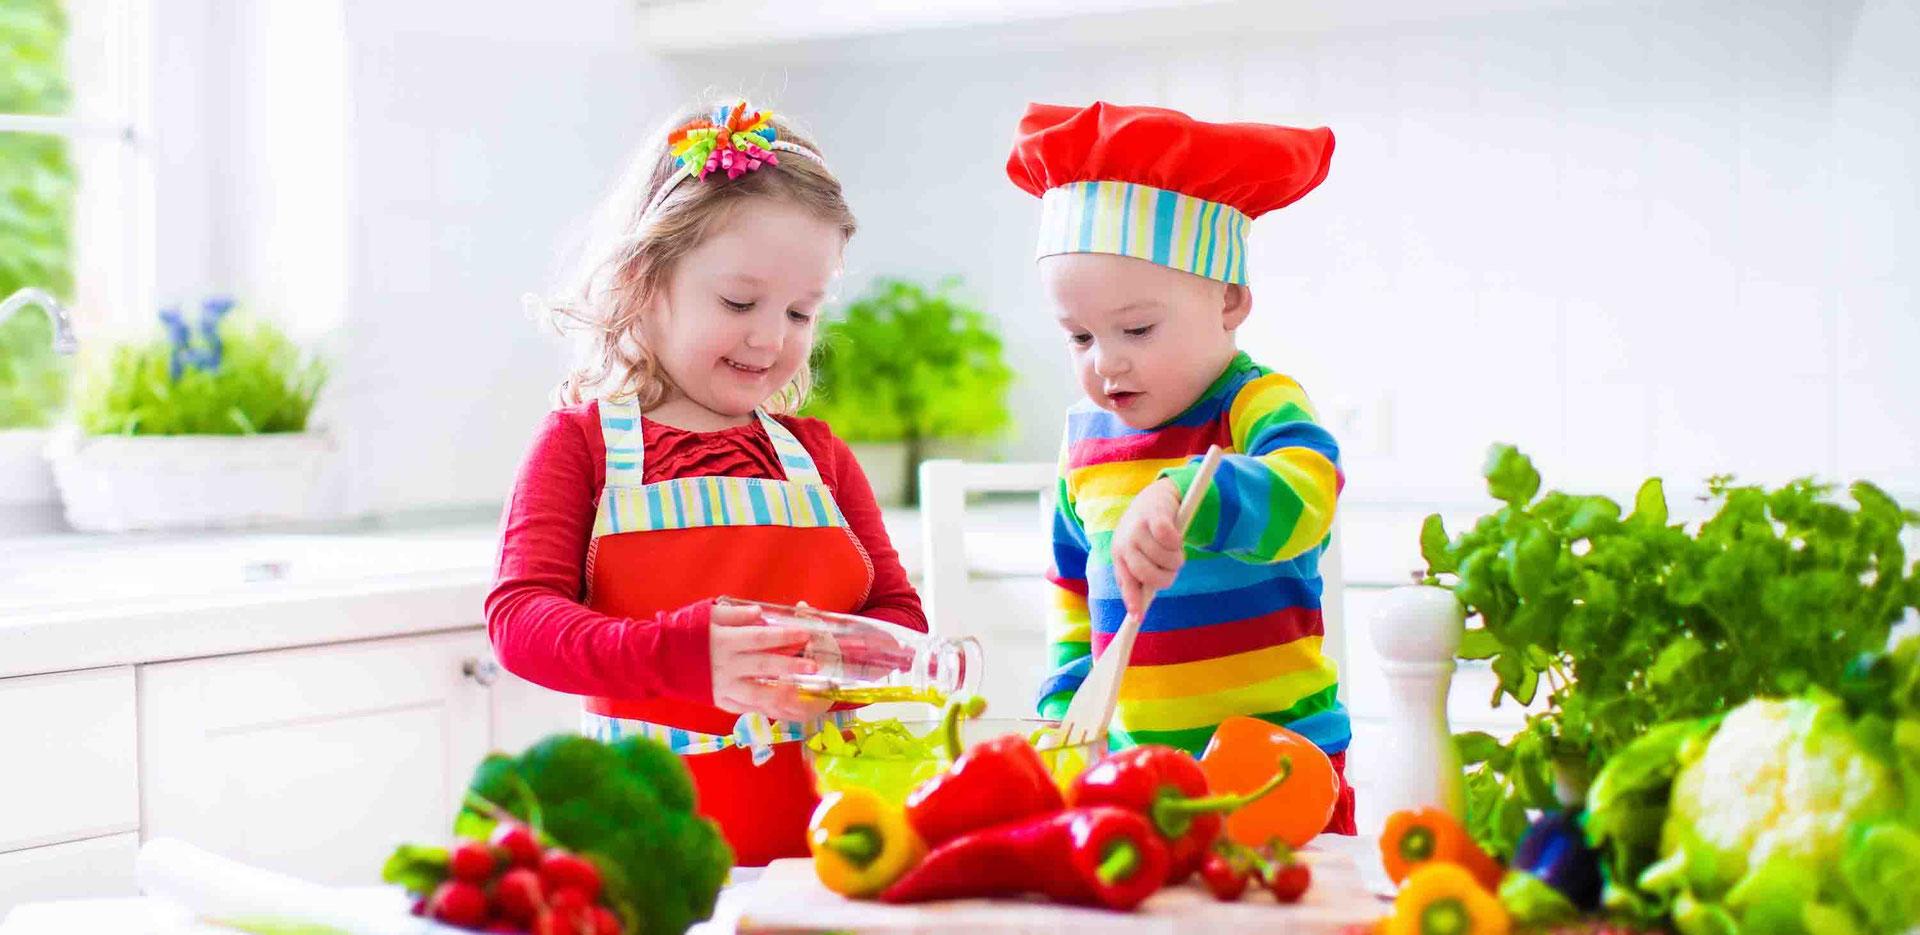 Kochen freunde kennenlernen